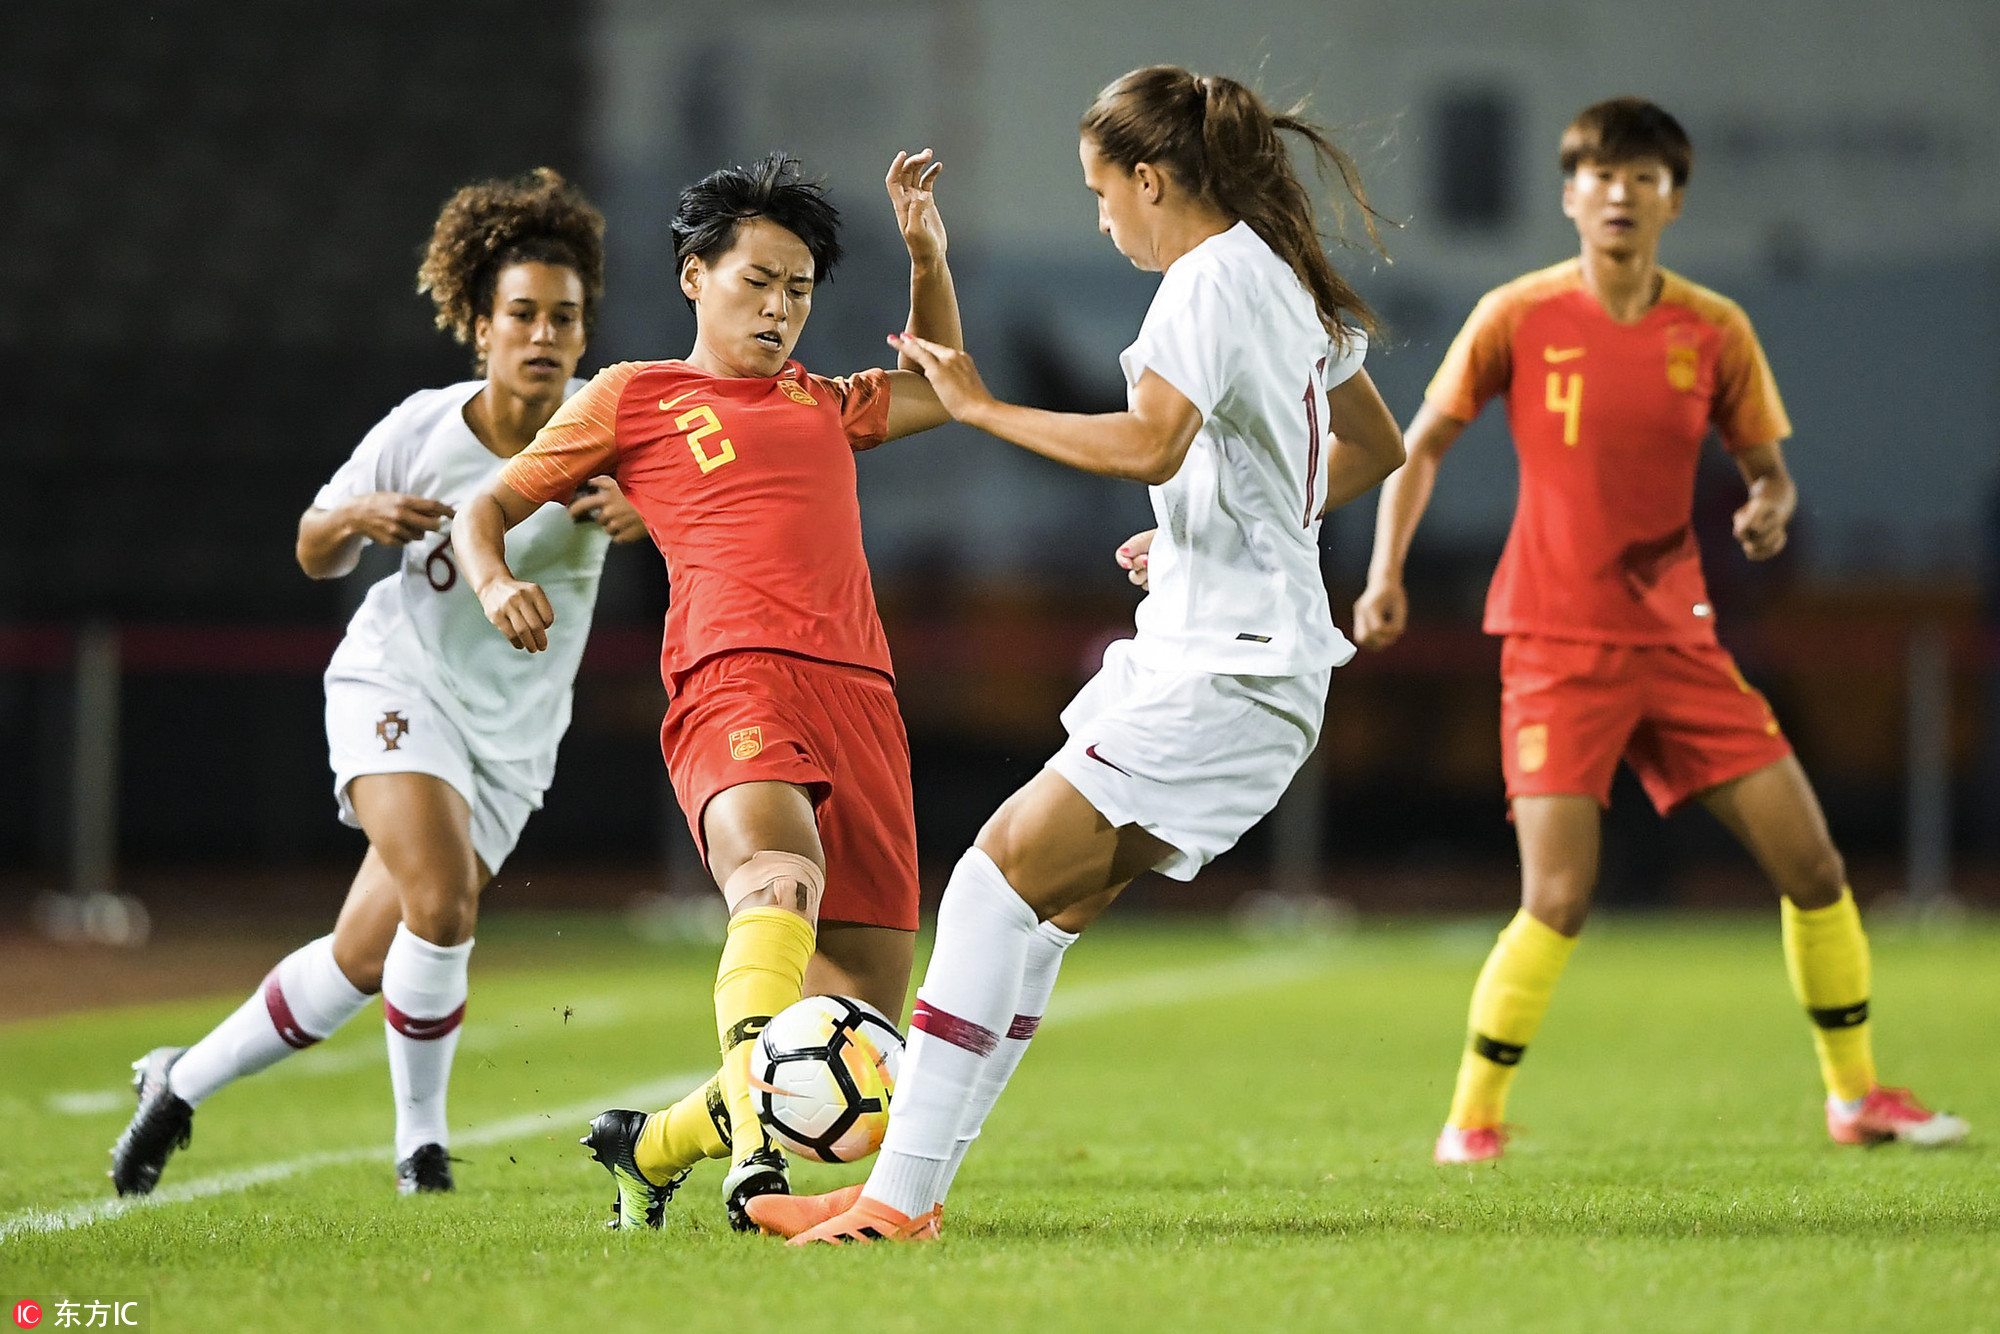 永川国际女足赛:中国0-0葡萄牙,门柱拒古雅沙射门